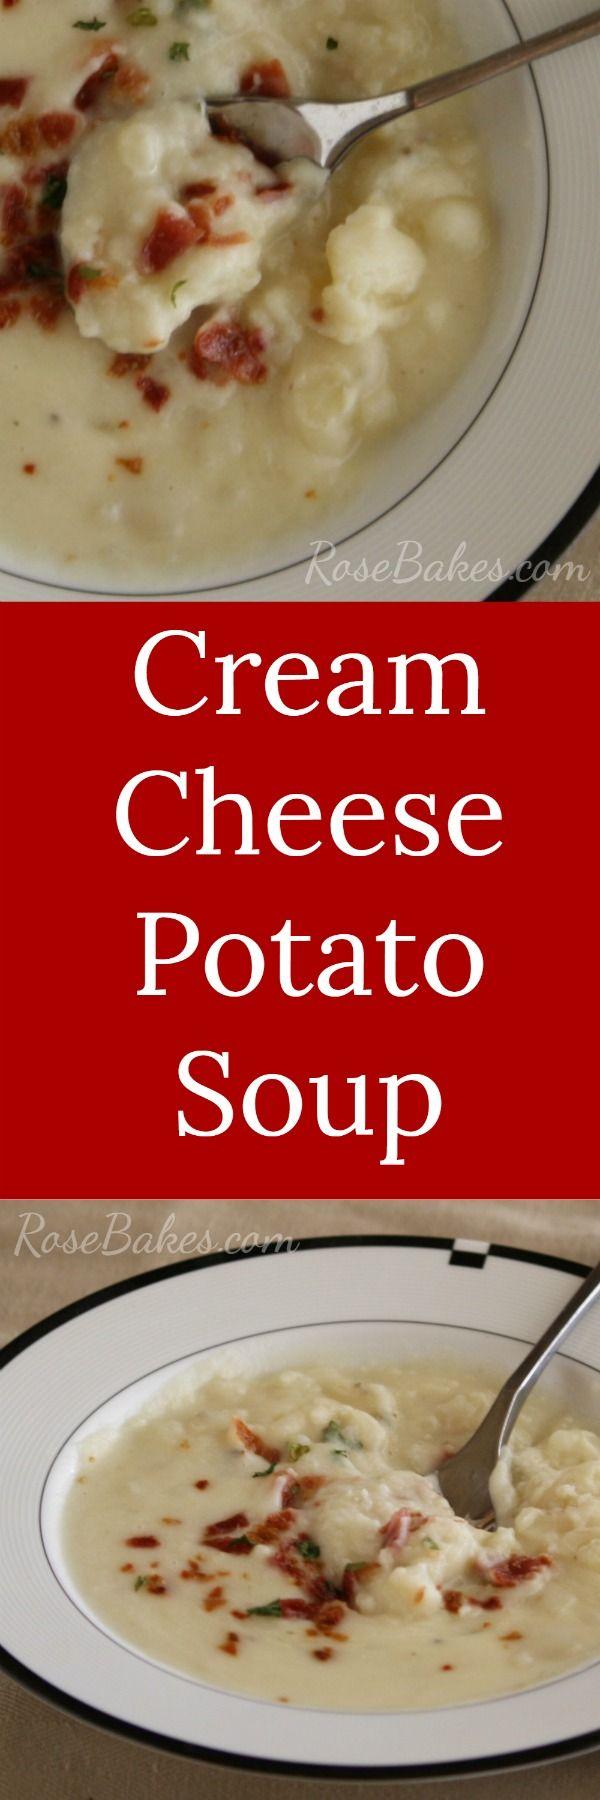 Cream Cheese Potato Soup RoseBakes